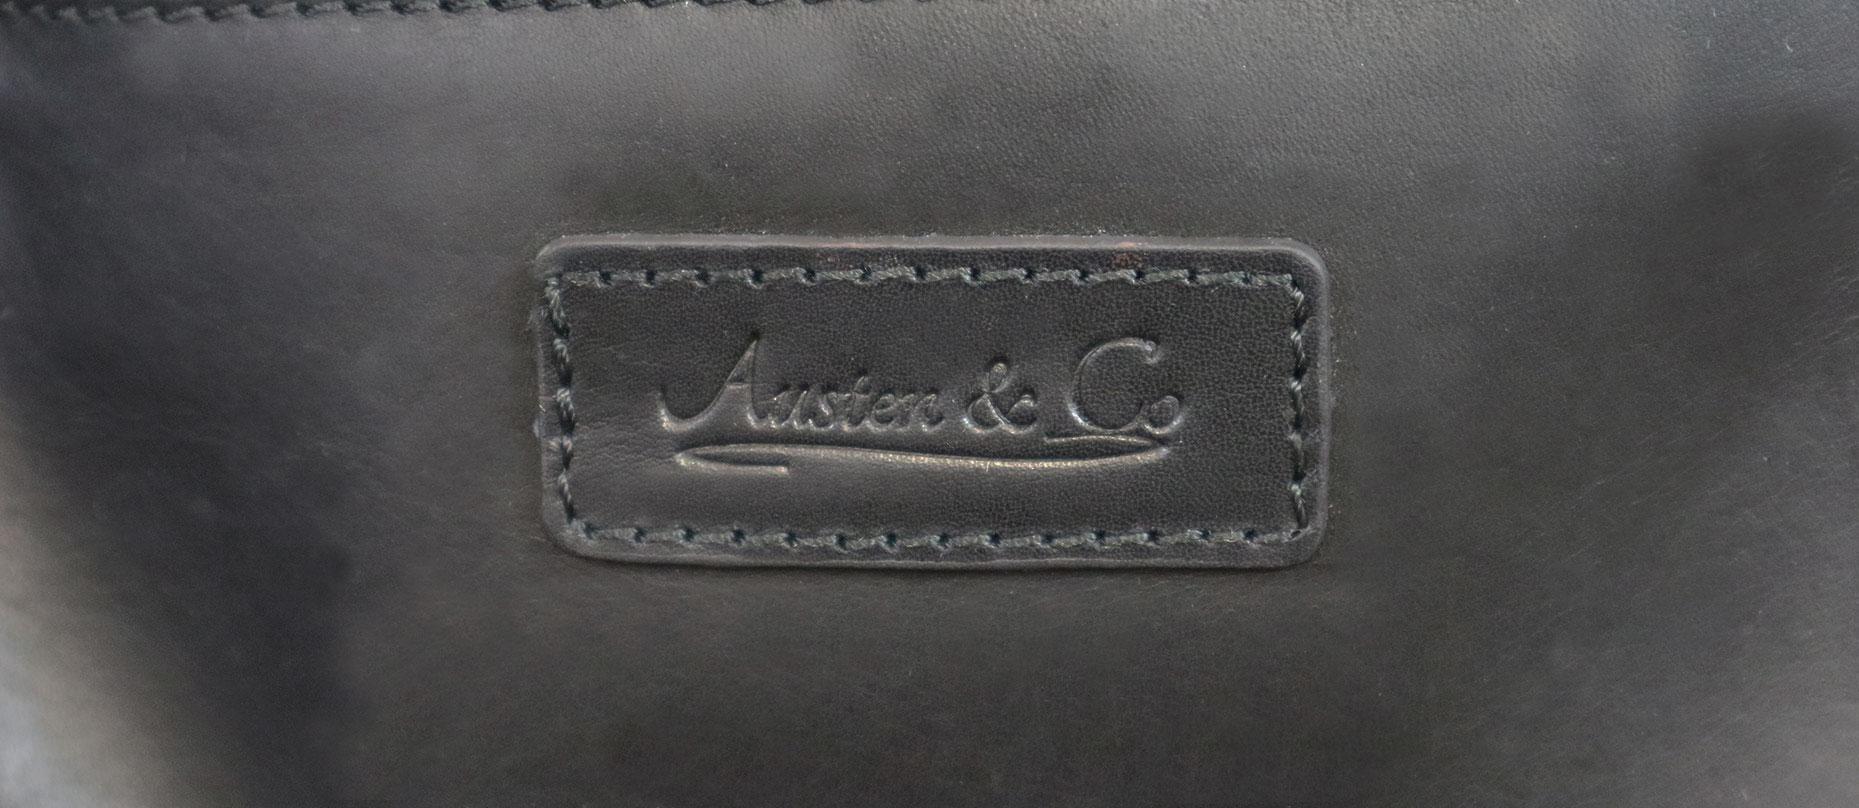 Black Holdall Austen & Co Logo